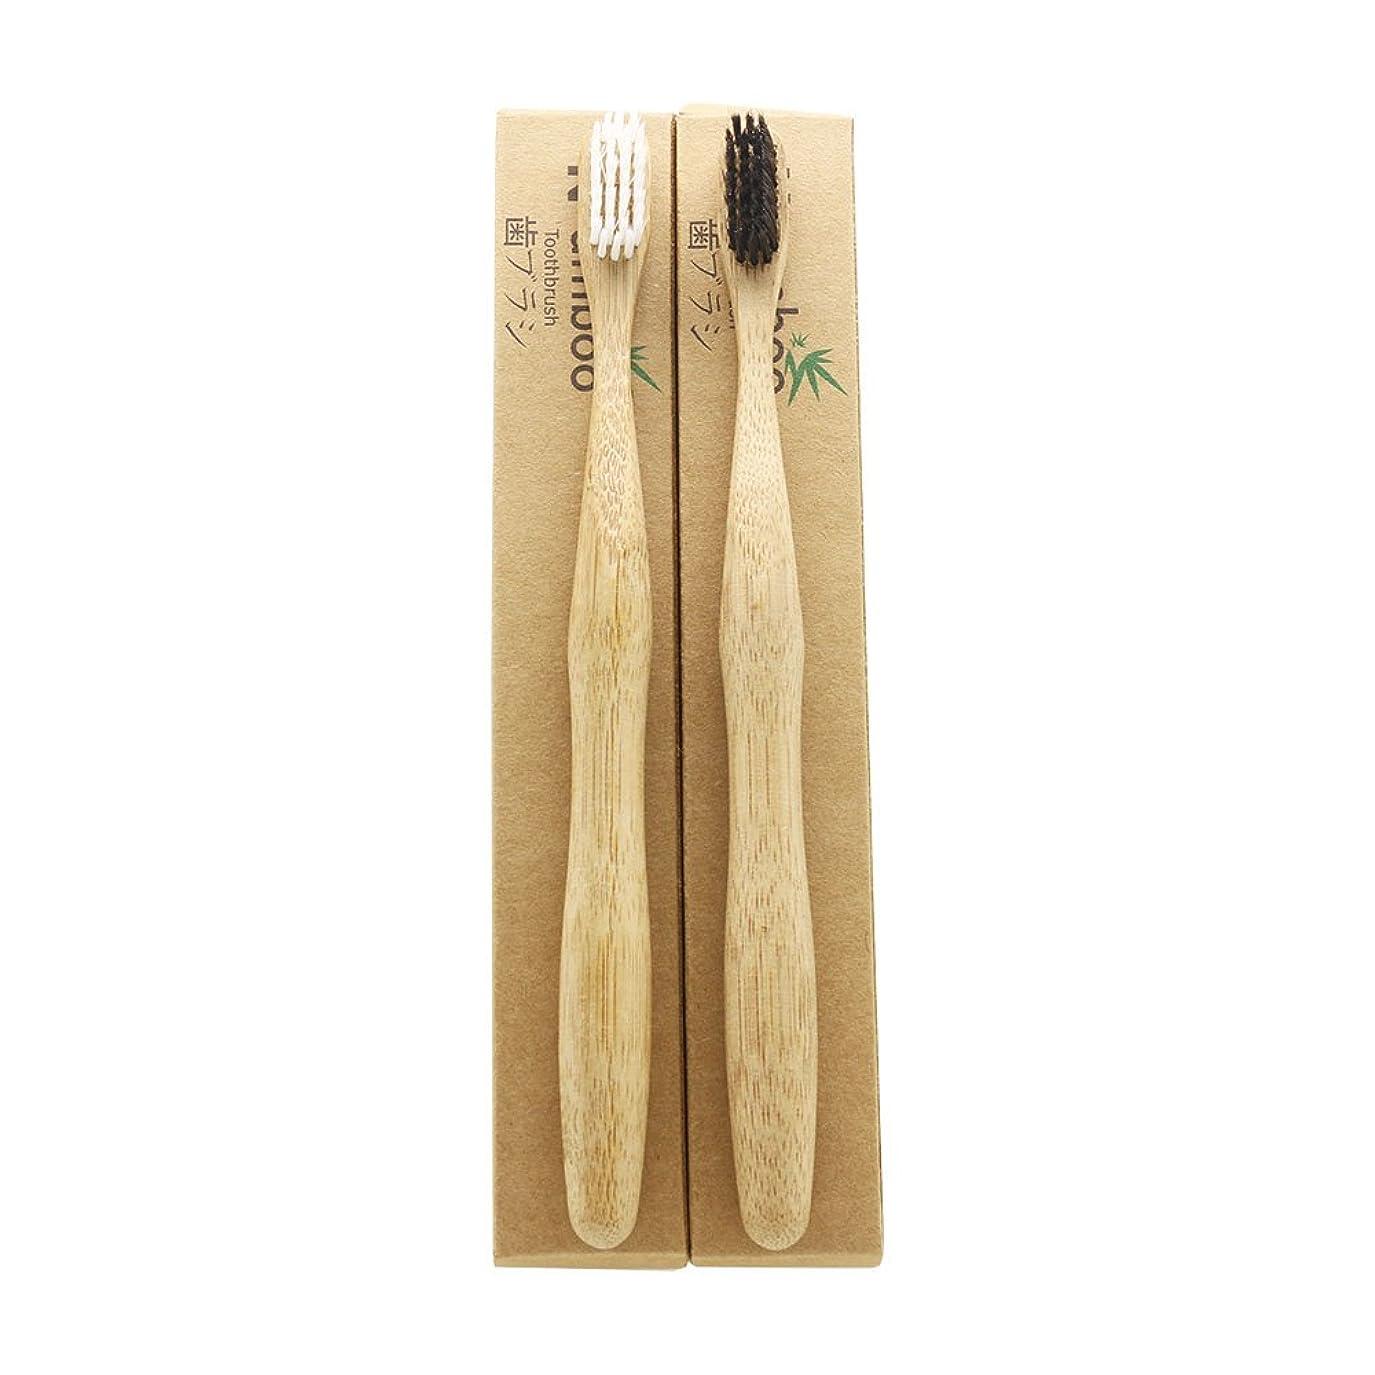 電気の刺激するホイッスルN-amboo 竹製 歯ブラシ 高耐久性 白と黒 セット エコ  (2本)